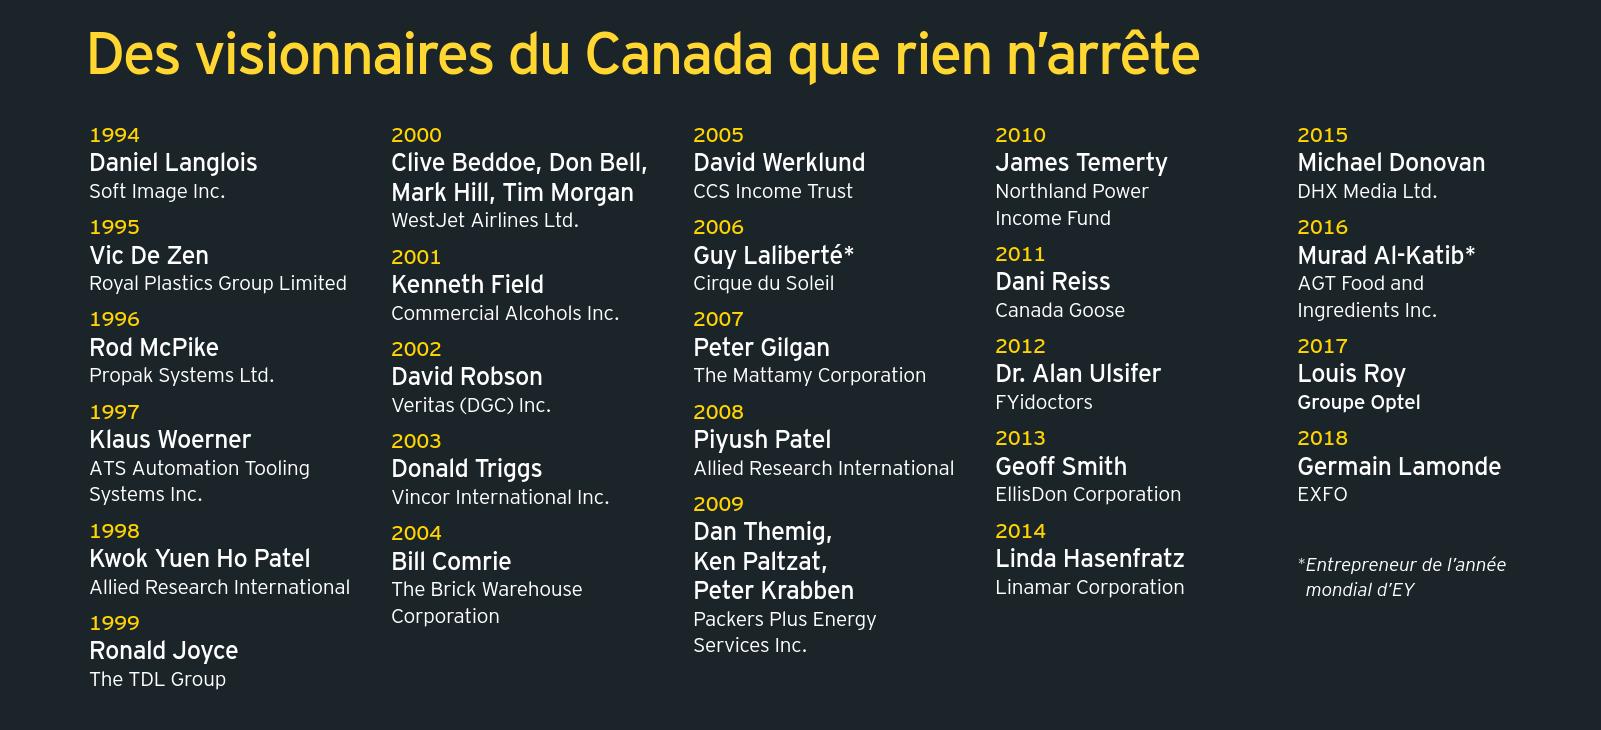 Des visionnaires du Canada que rien n'arrête